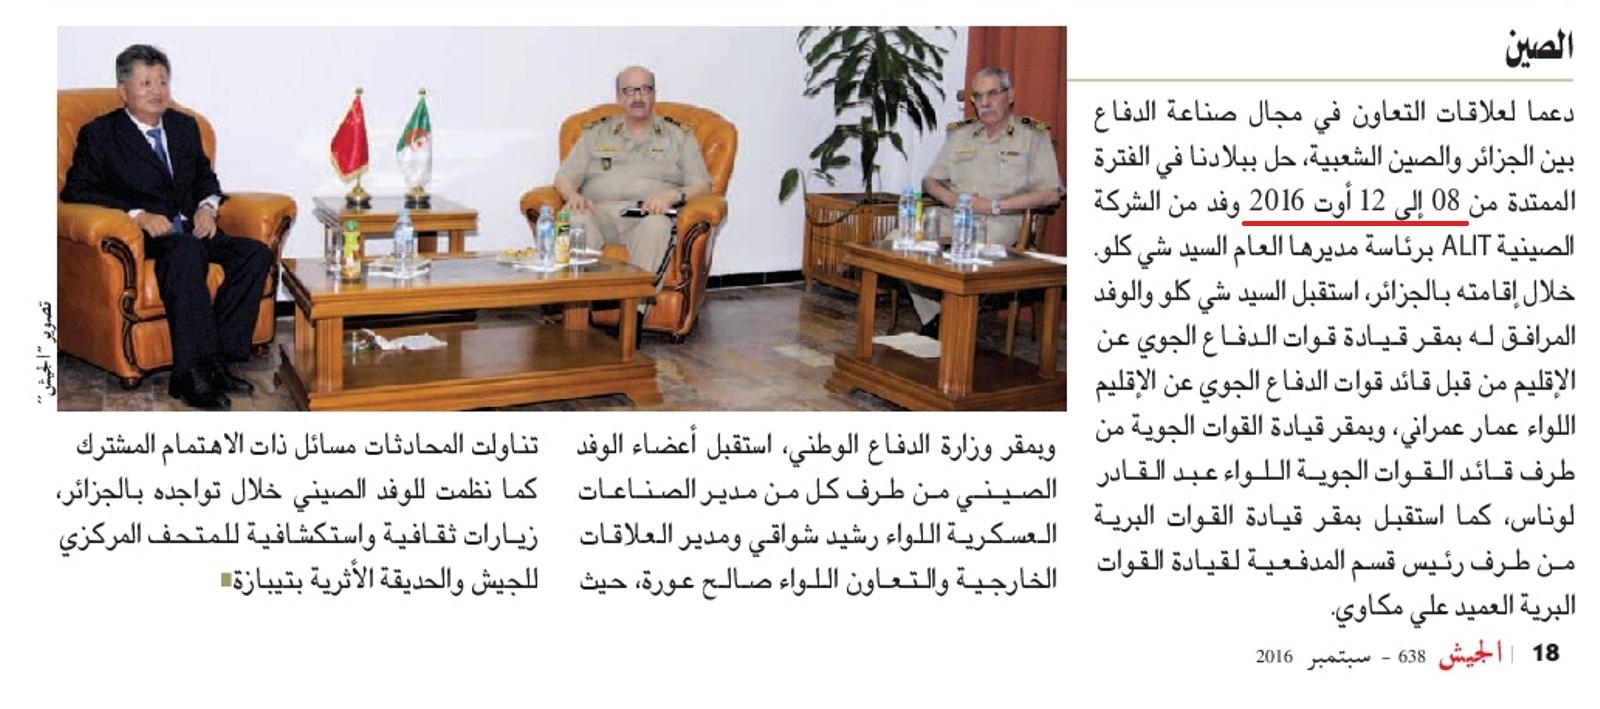 الجيش الجزائري يبدأ في تسلم مدرعات القيادة و السطرة ZCY45 و عربات الإستطلاع GCL45 المصممة على شاسي المدرعة الصينية WZ502G . 31081411906_51c7d01635_o